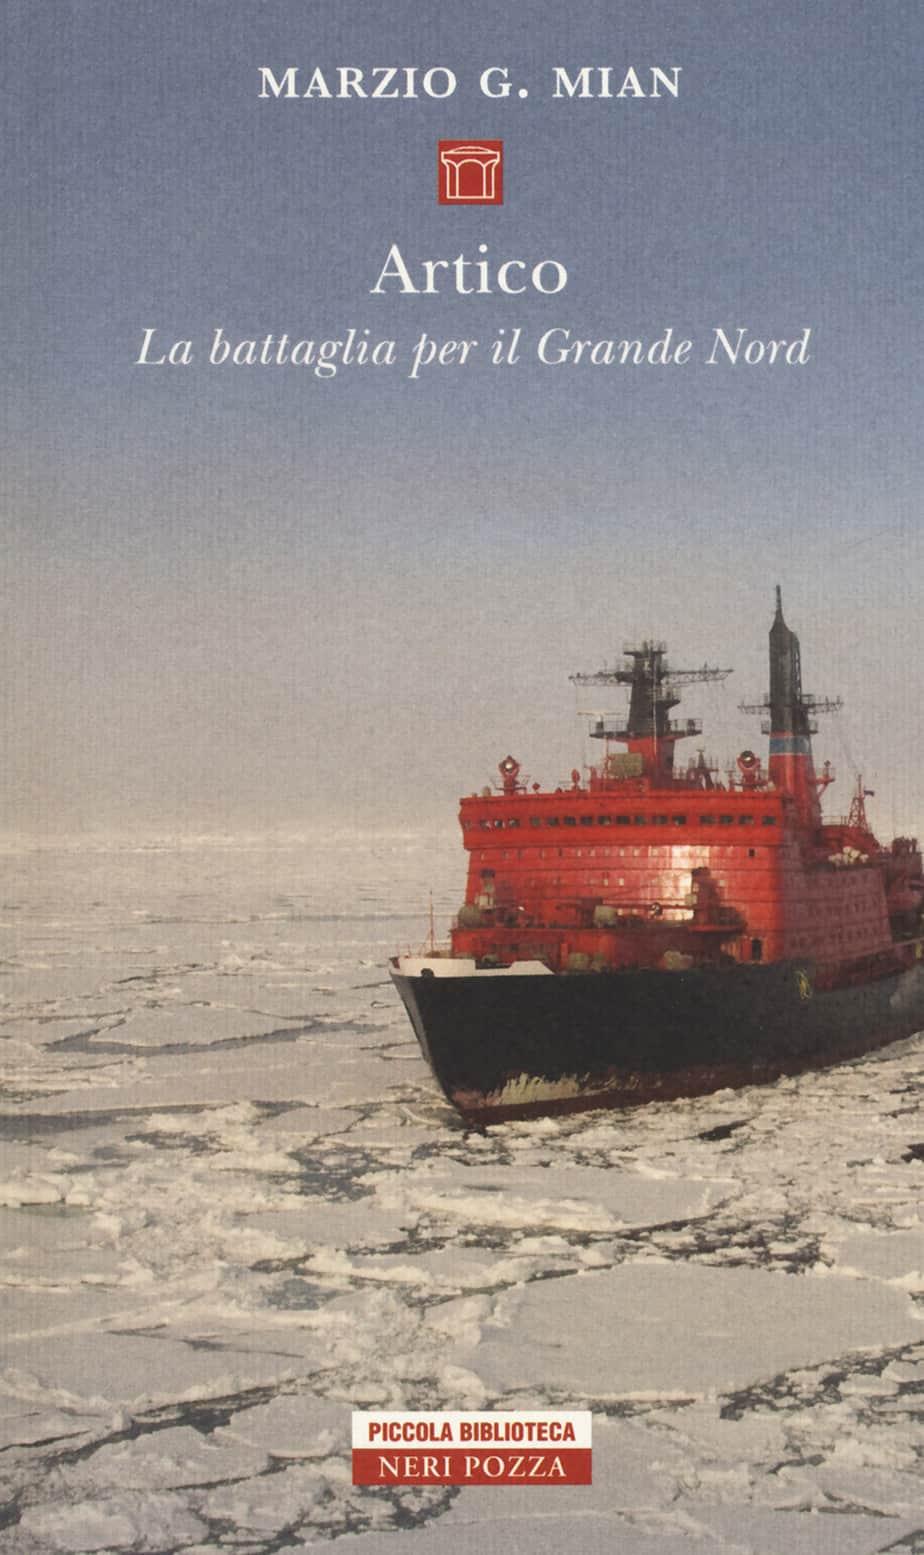 Recensione Di Artico – Marzio G. Mian